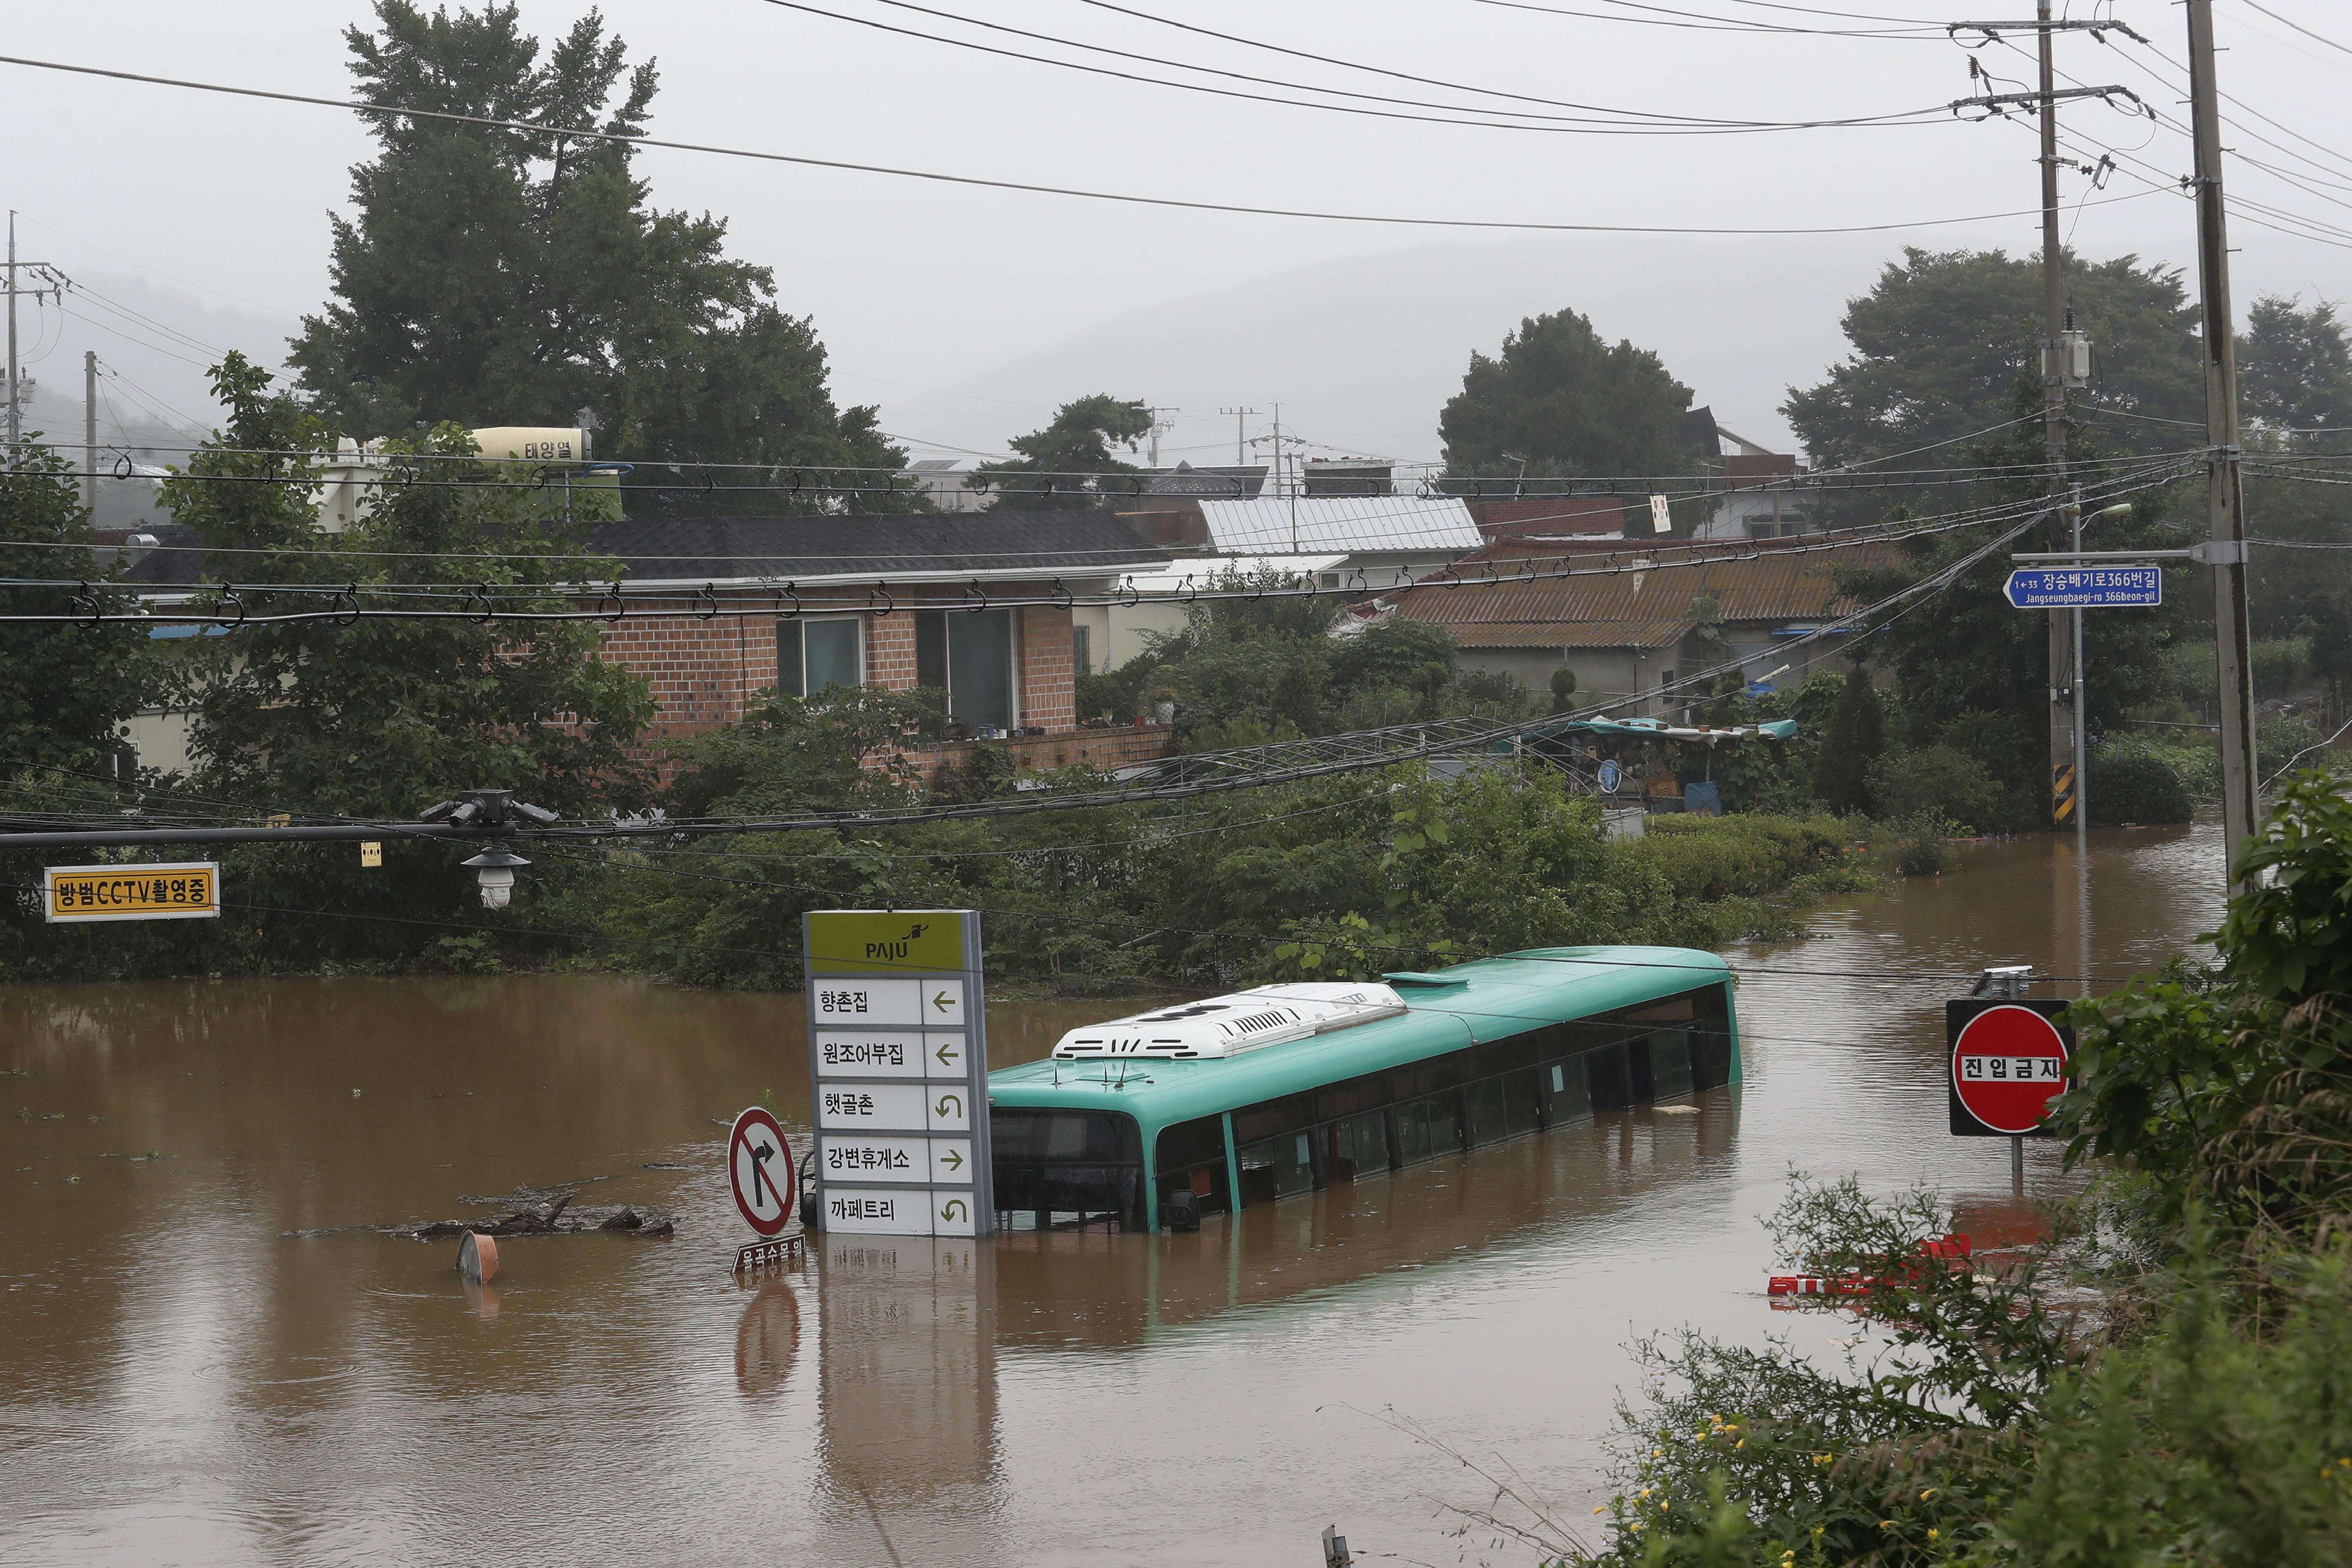 ▲▼南韓豪雨不斷,京畿道坡州市道路慘淹成運河,公車包括乘客浸泡水中。(圖/達志影像/美聯社)